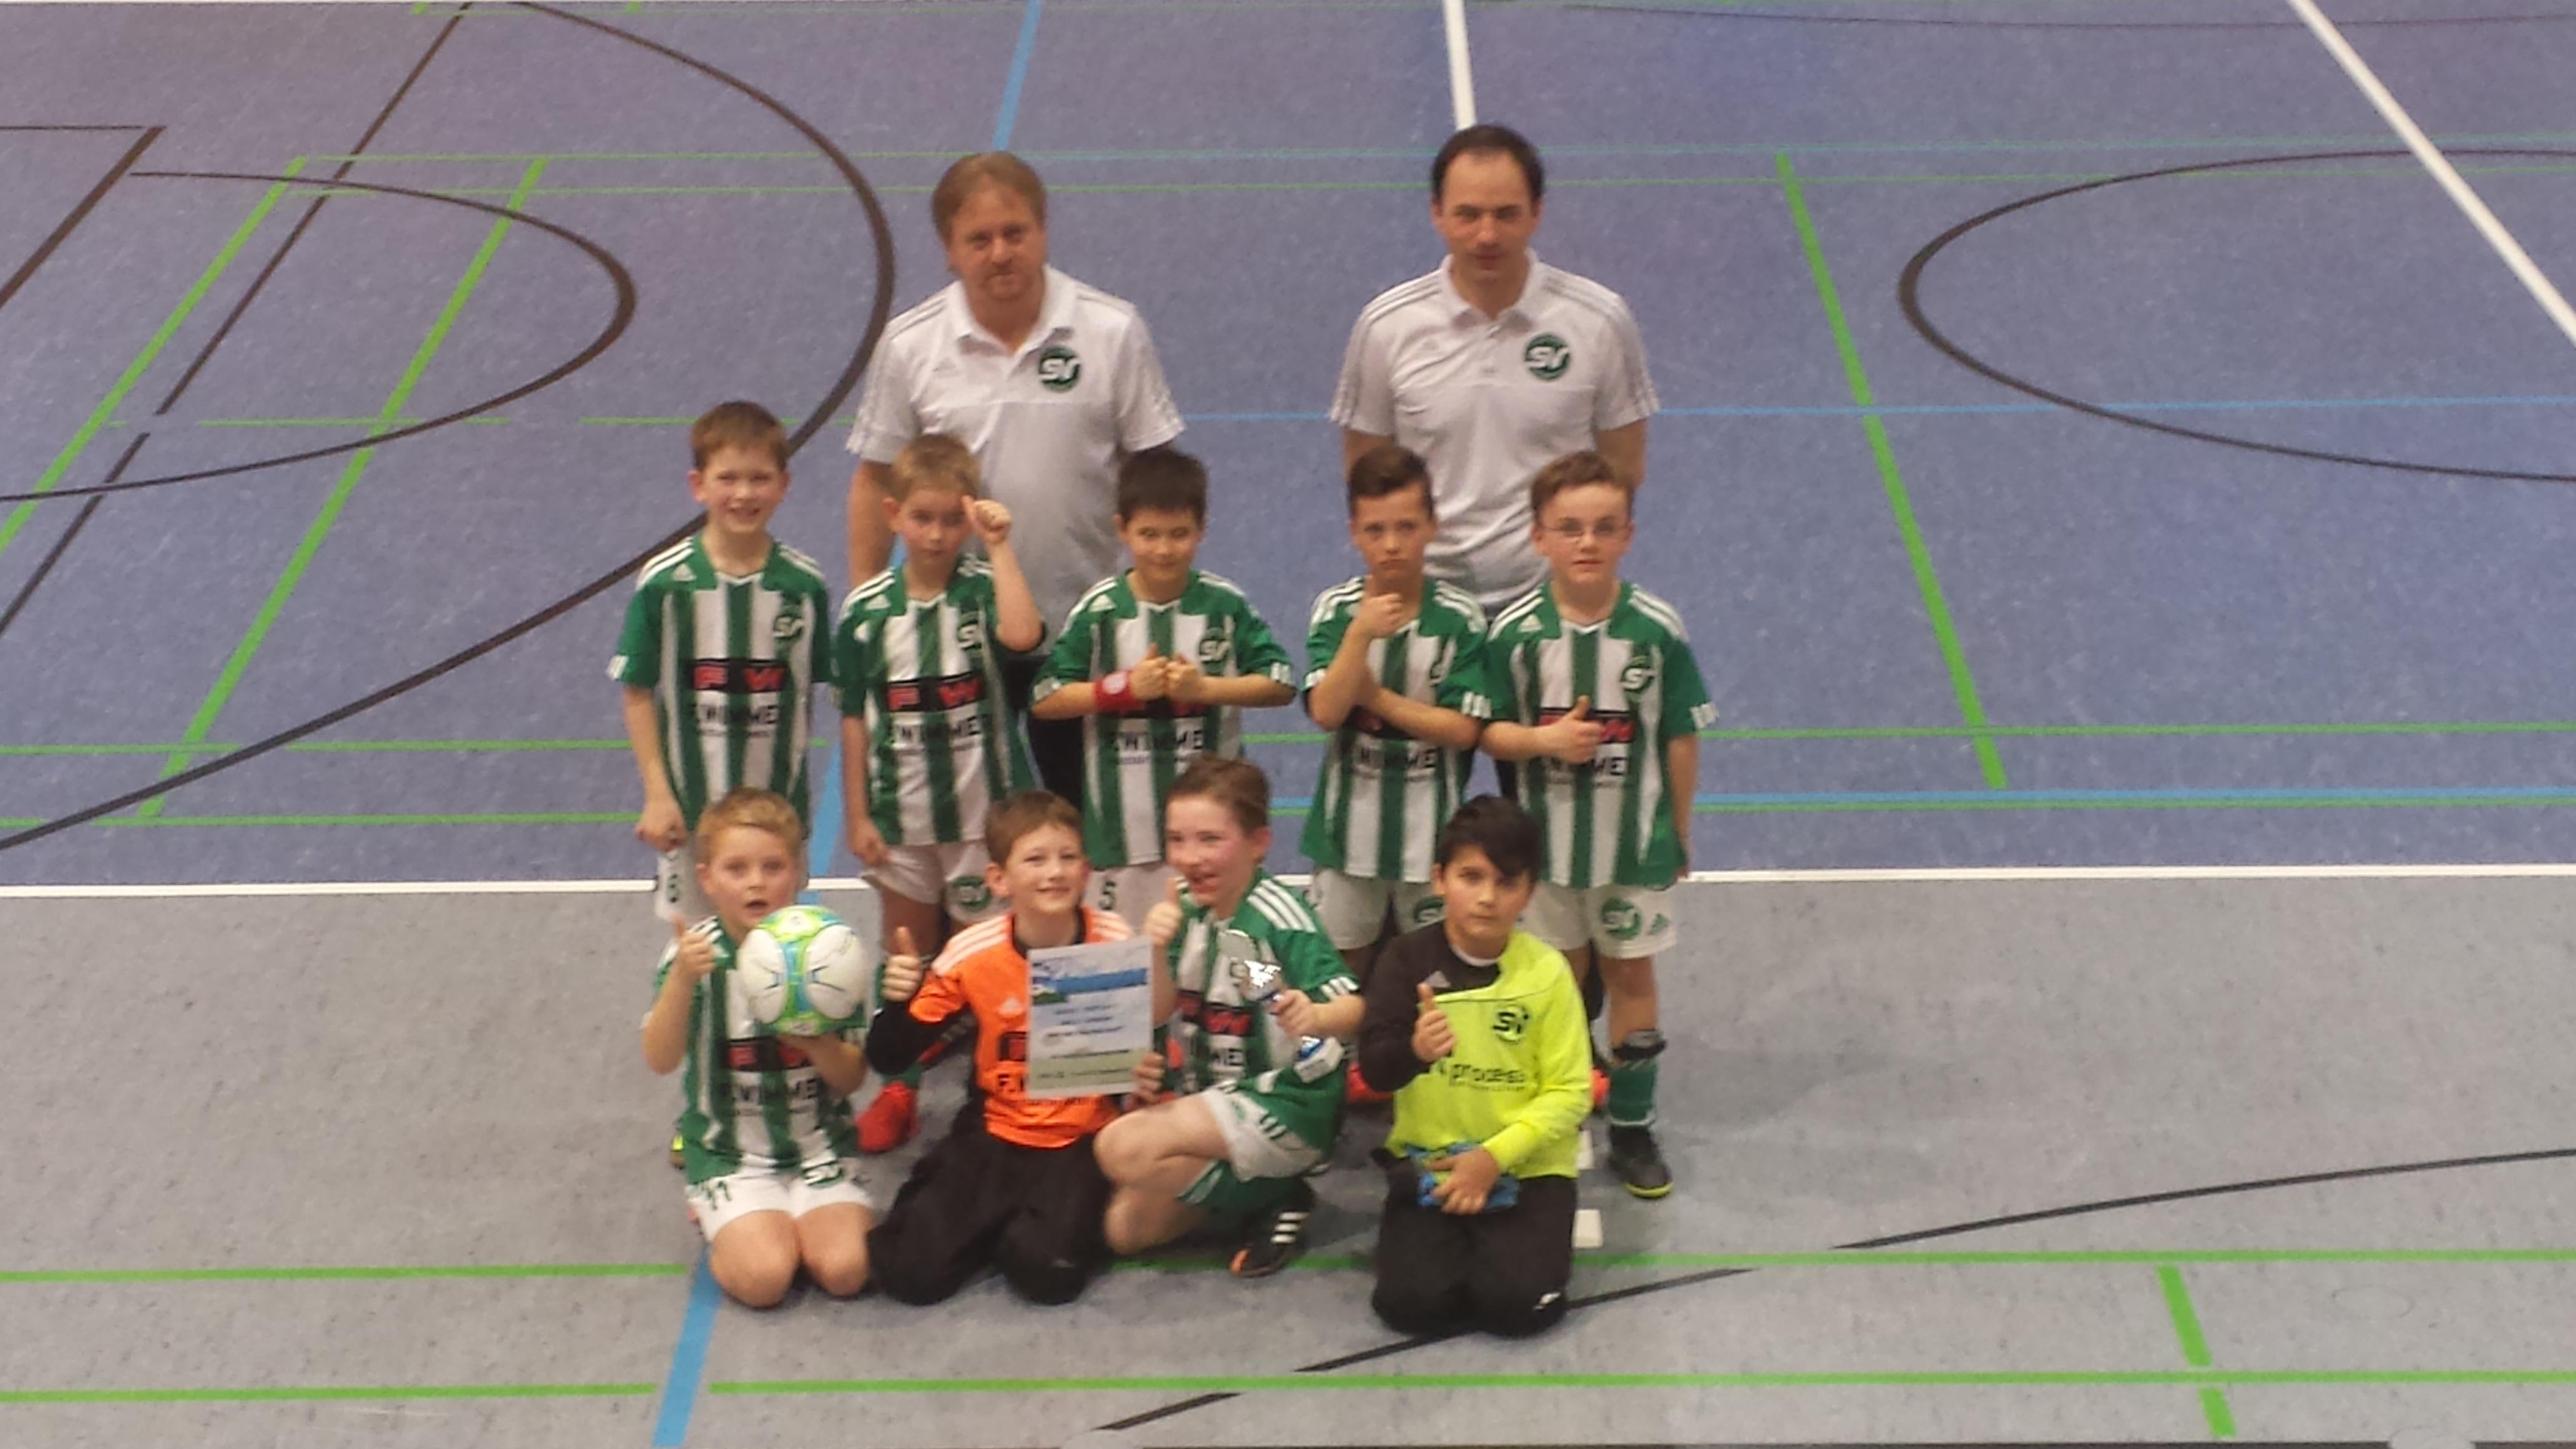 <a class=&quot;amazingslider-posttitle-link&quot; href=&quot;http://www.svs-passau.de/f-jugend-3-zankl-cup-des-fc-sturm-hauzenberg&quot;>F Jugend: 3. Zankl Cup des FC Sturm Hauzenberg</a>